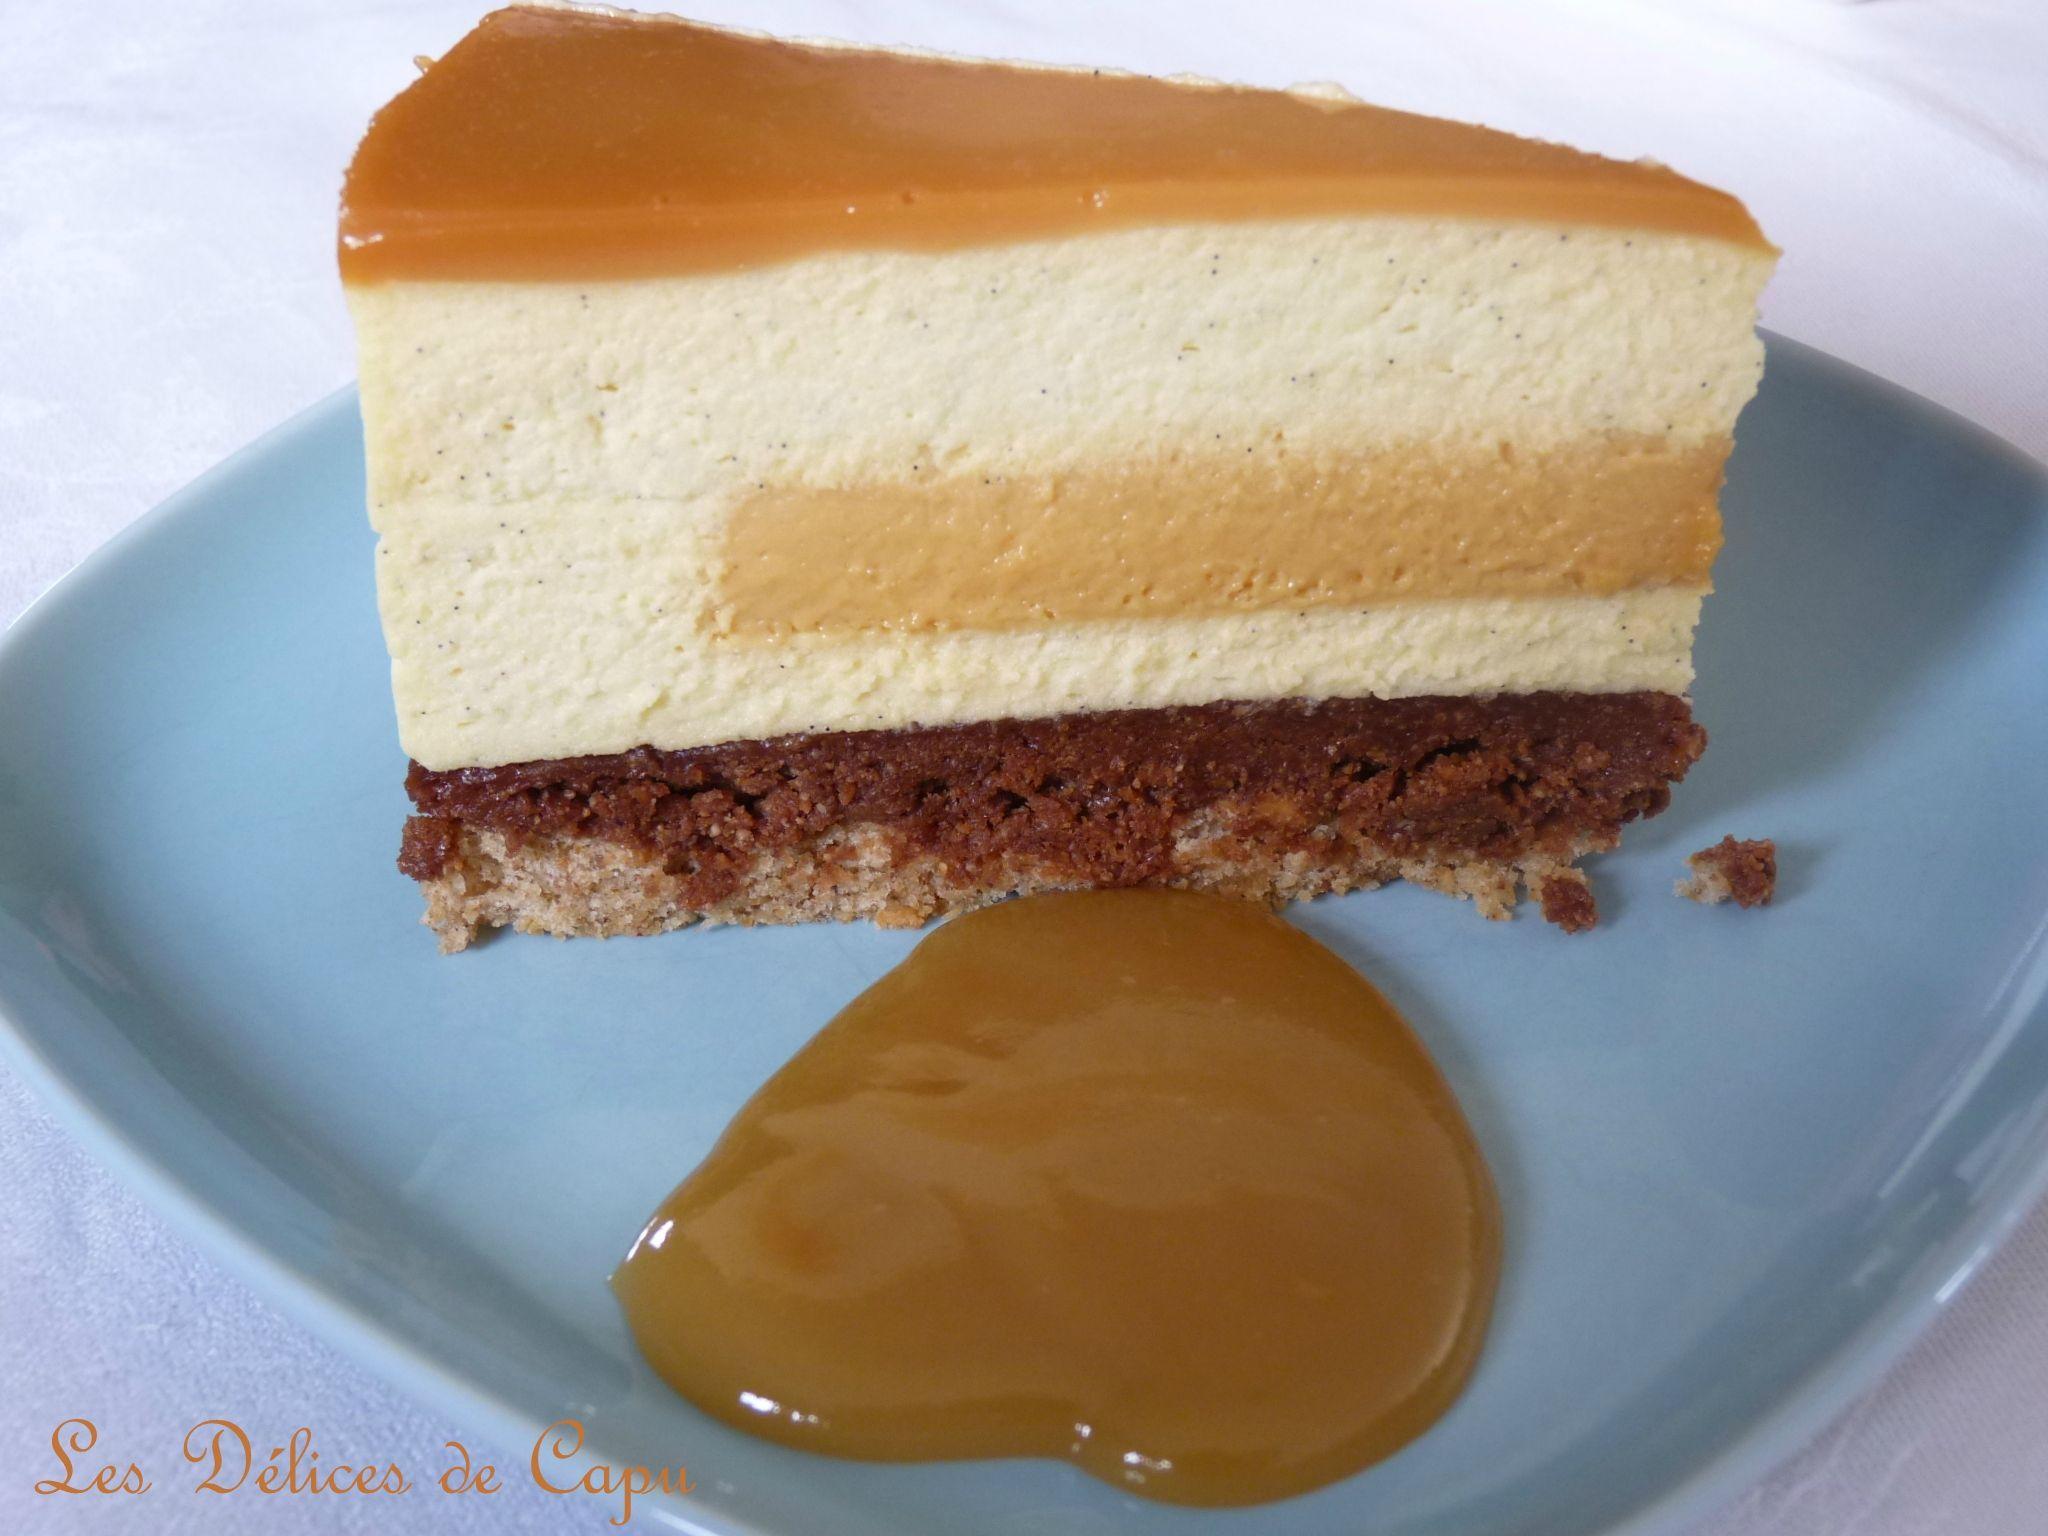 Les Delices De Capu Nouveau Photos Entremets Vanille Caramel Et Praliné2 Cakes V Pinterest